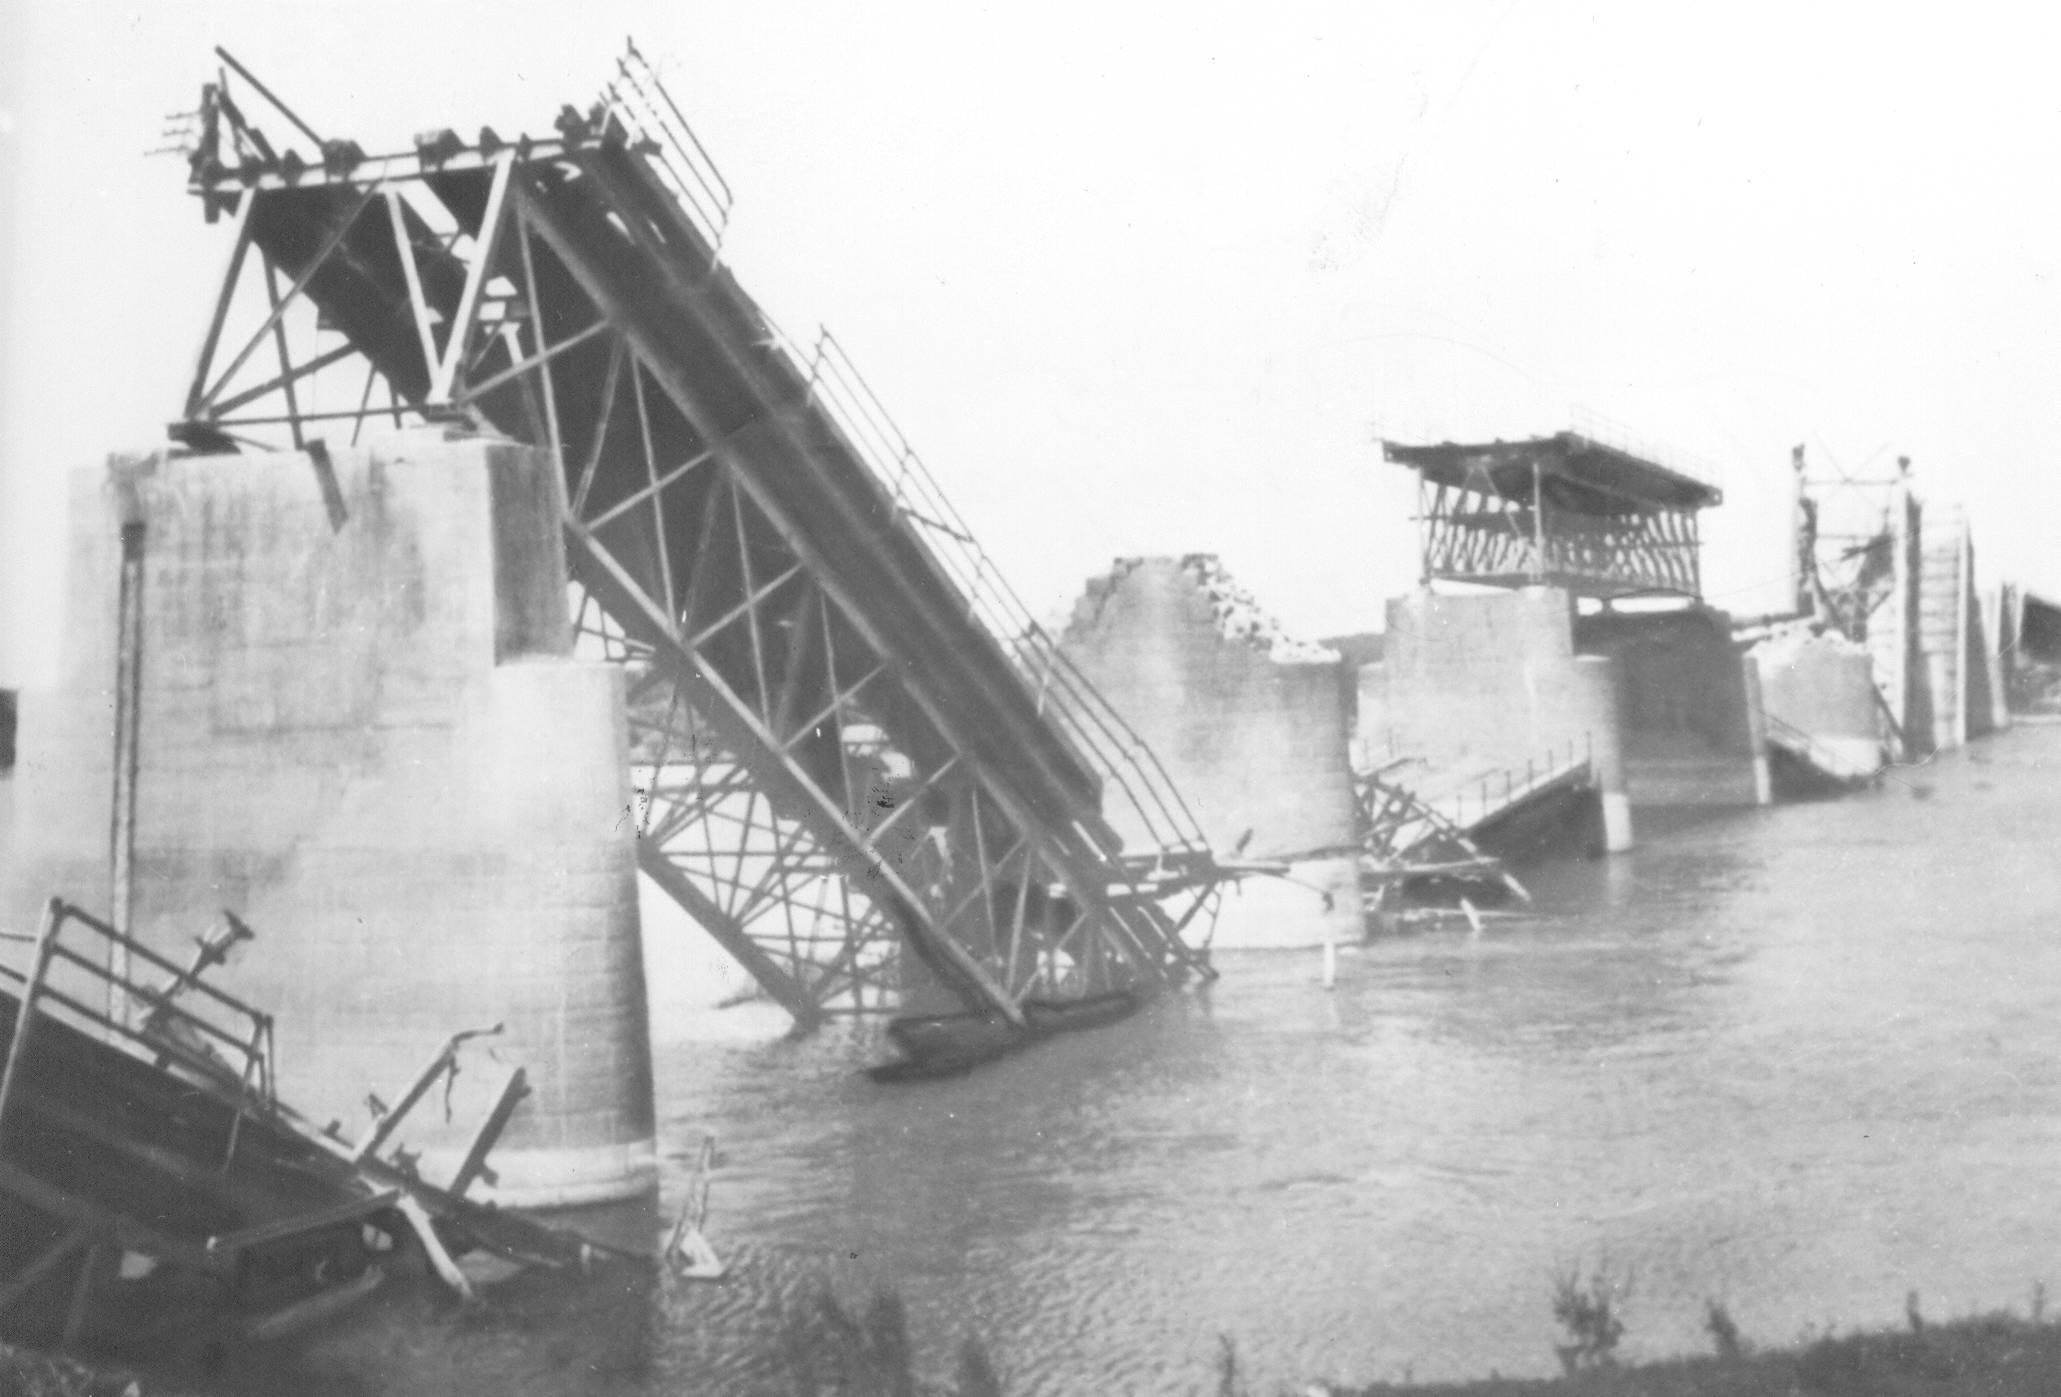 Porušeni most na Savi u Brčkom prilikom povlačenja nemačkih jednica, aprila 1945.